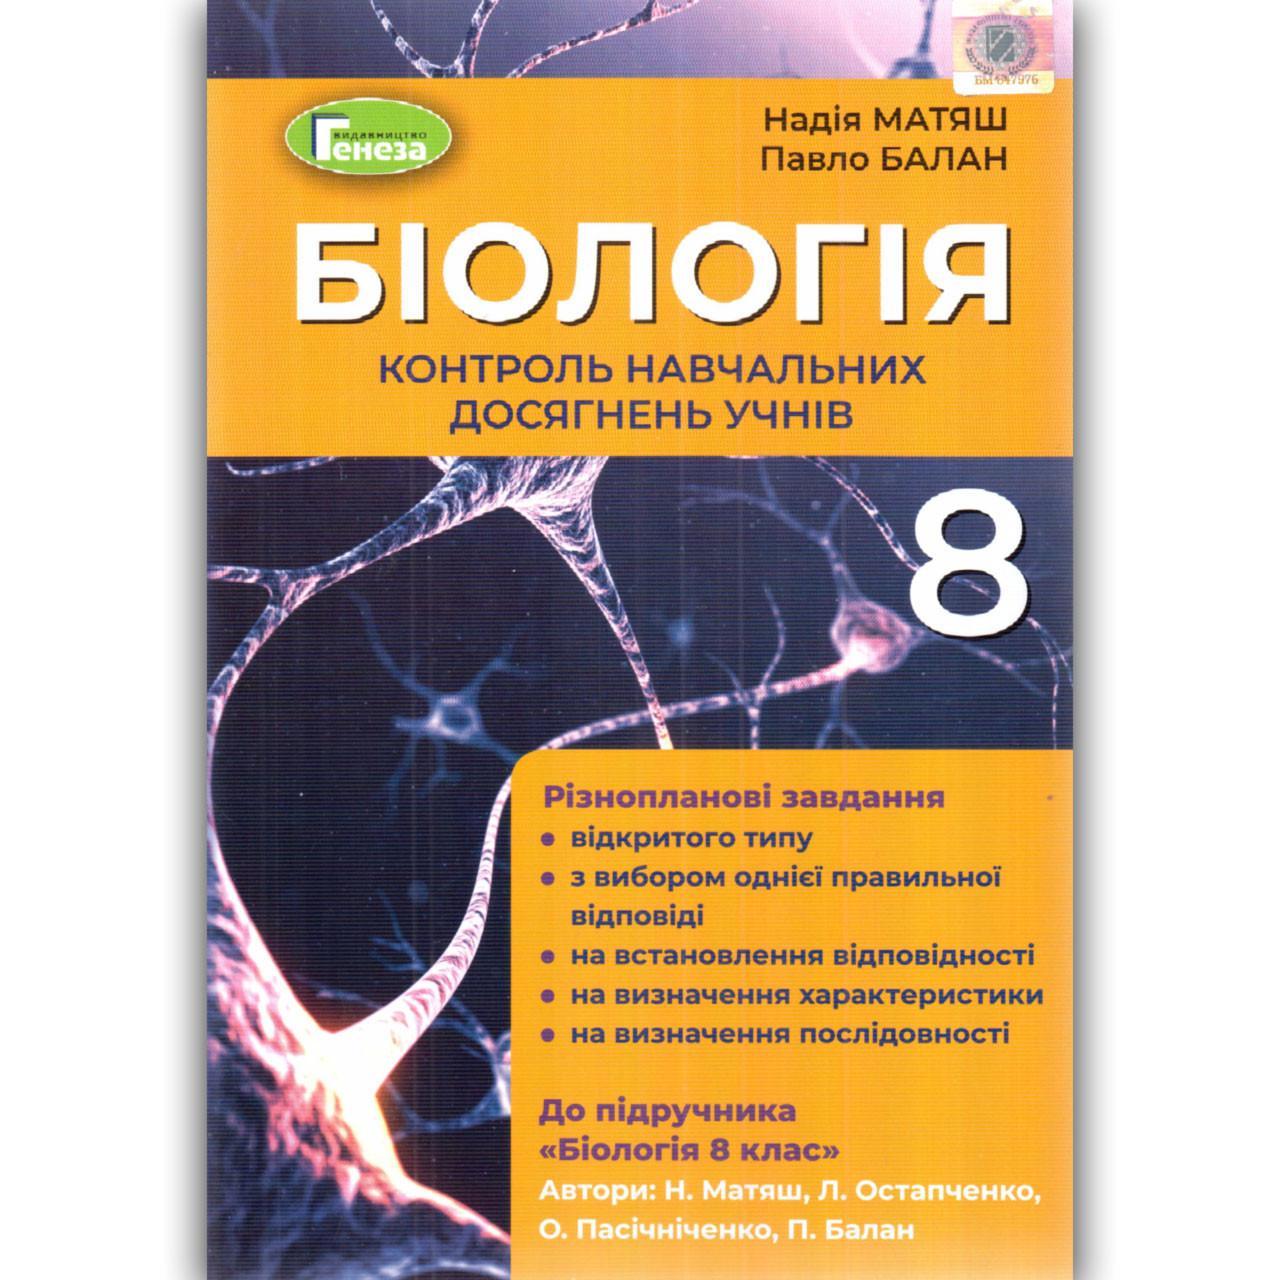 Контроль навчальних досягнень учнів Біологія 8 клас Авт: Матяш Н. Балан П. Вид: Генеза